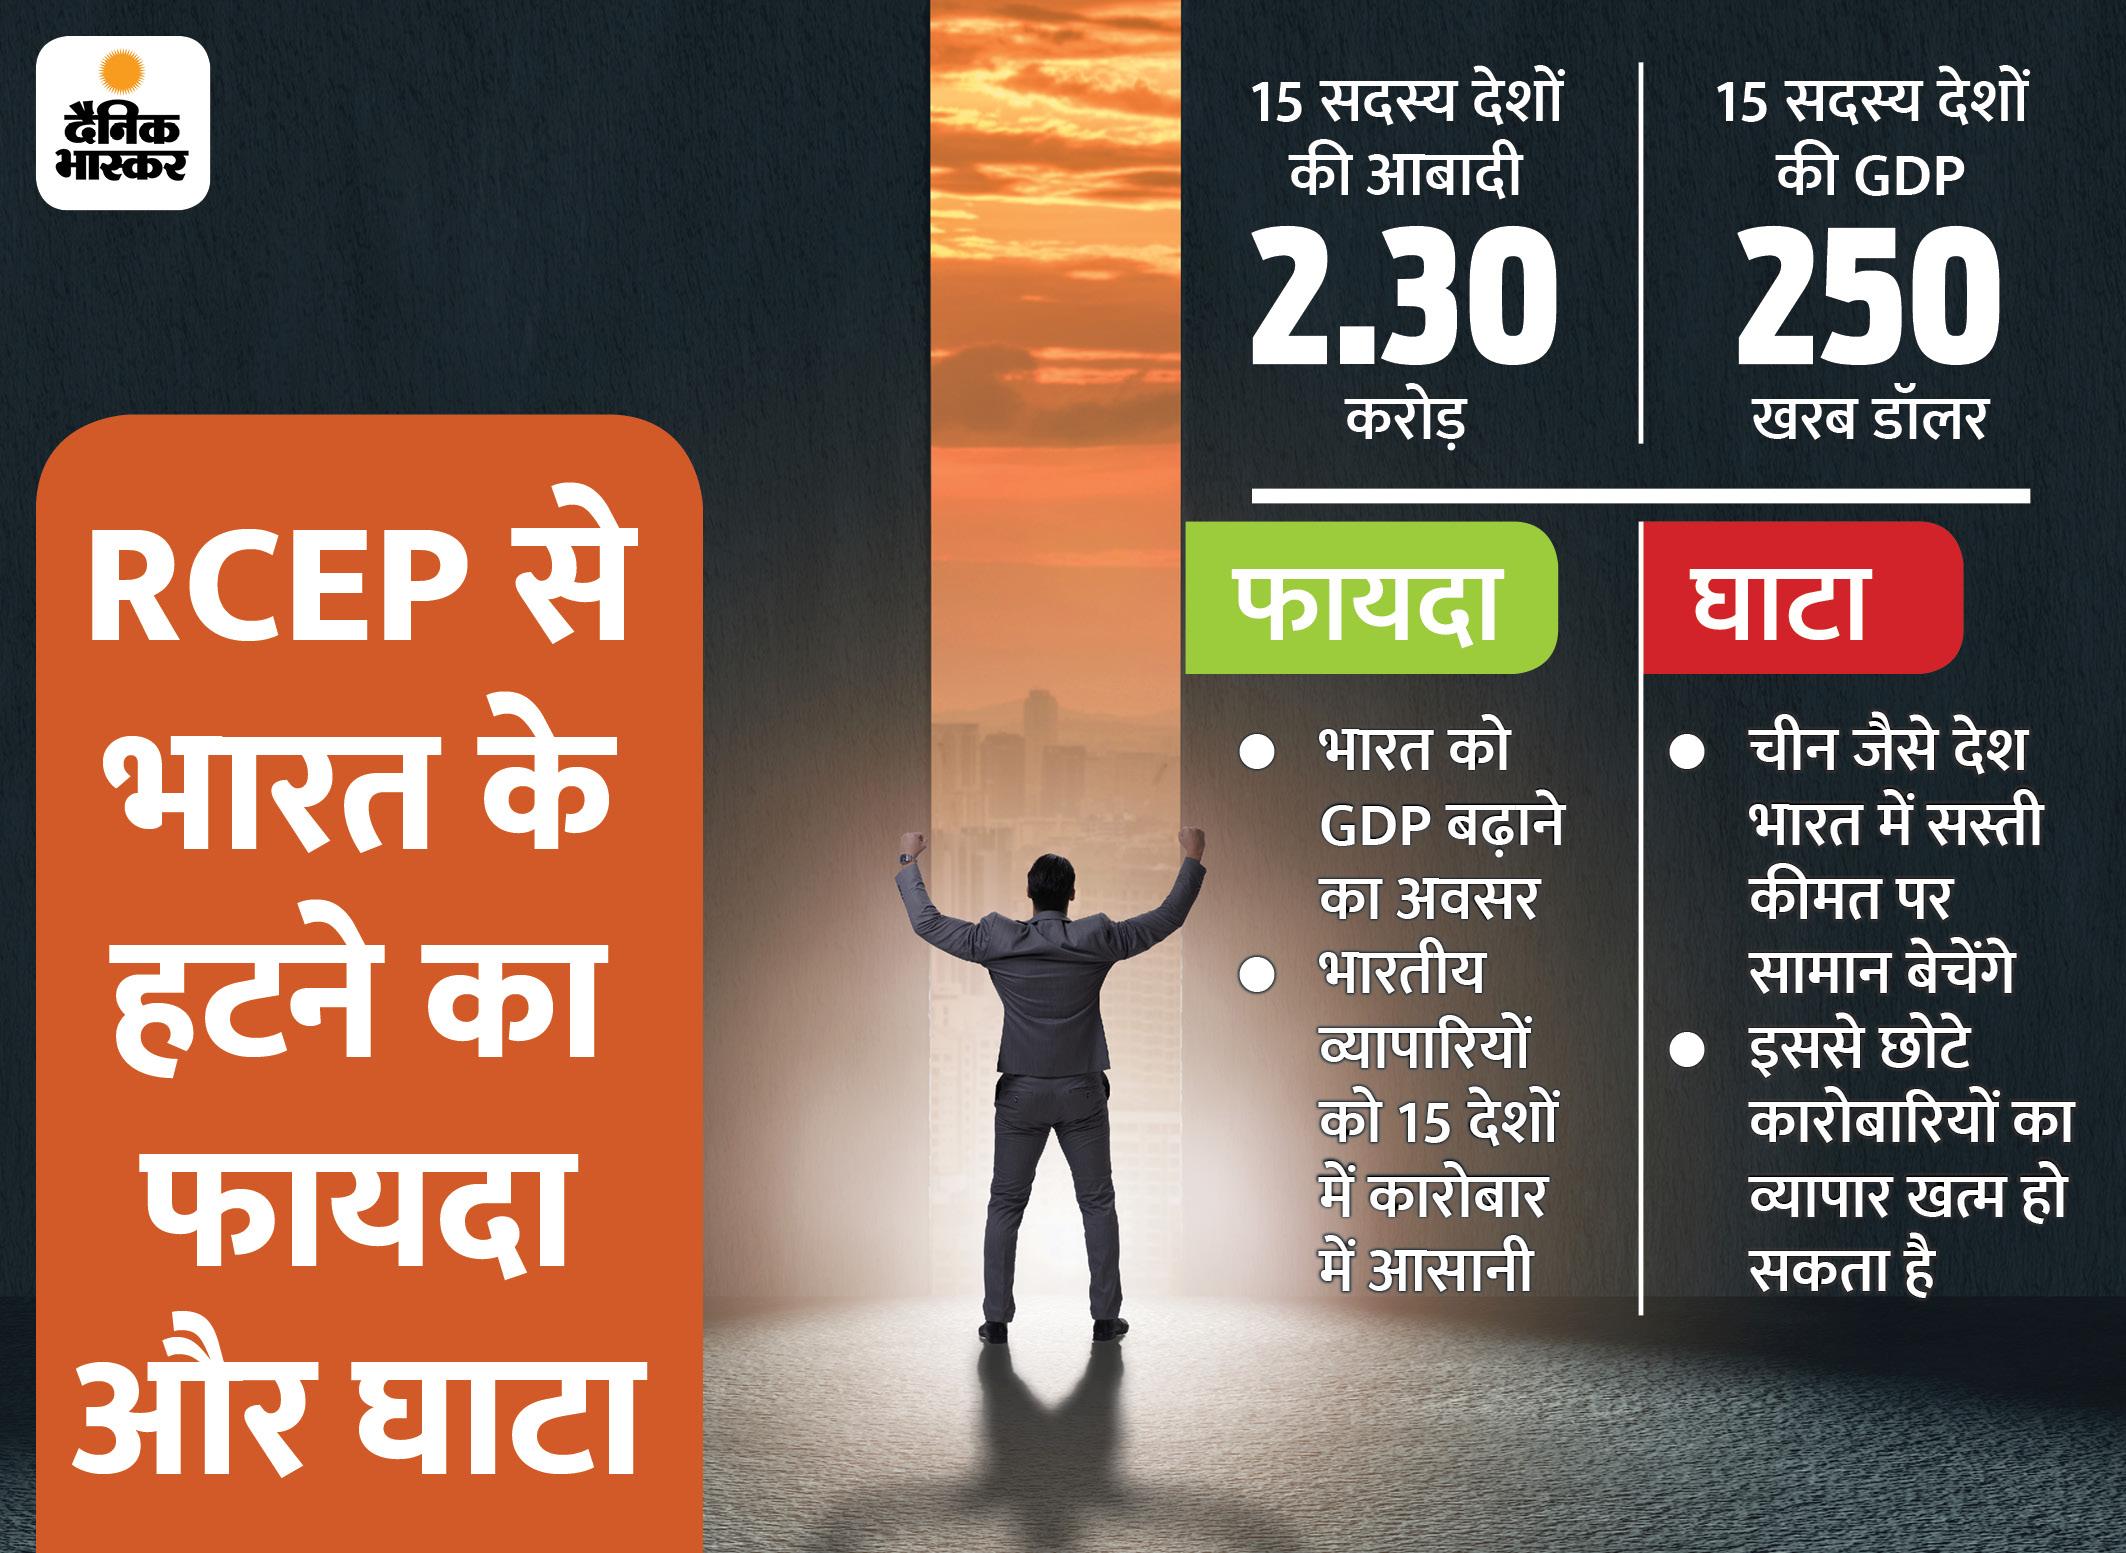 RCEP से हटकर भारत और ज्यादा आत्मनिर्भर बनेगा, चीन को पटखनी देने में होगा सफल|बिजनेस,Business - Dainik Bhaskar